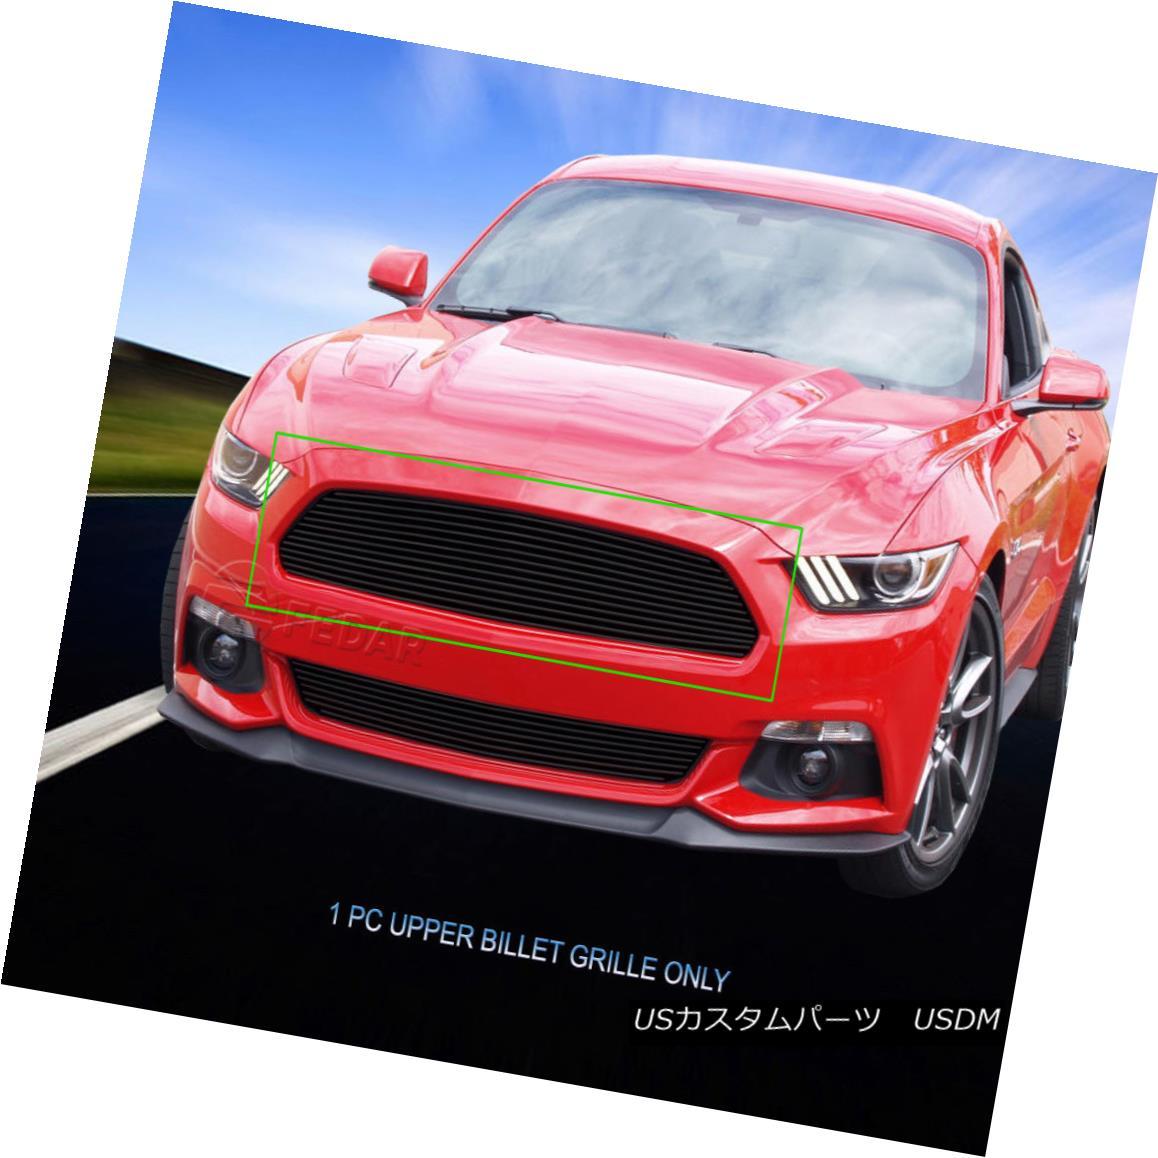 グリル Fedar Fits 2015-2016 Ford Mustang Black Overlay Main Upper Billet Grille Insert Fedarフィット2015-2016 Ford Mustangブラックオーバーレイメインアッパービレットグリルインサート